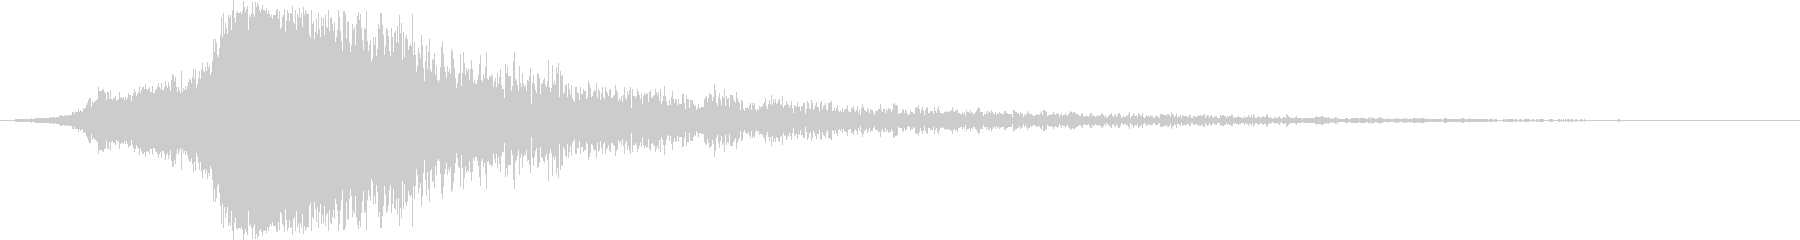 シャキーン♪クリア,達成,回復に最適7cの未再生の波形